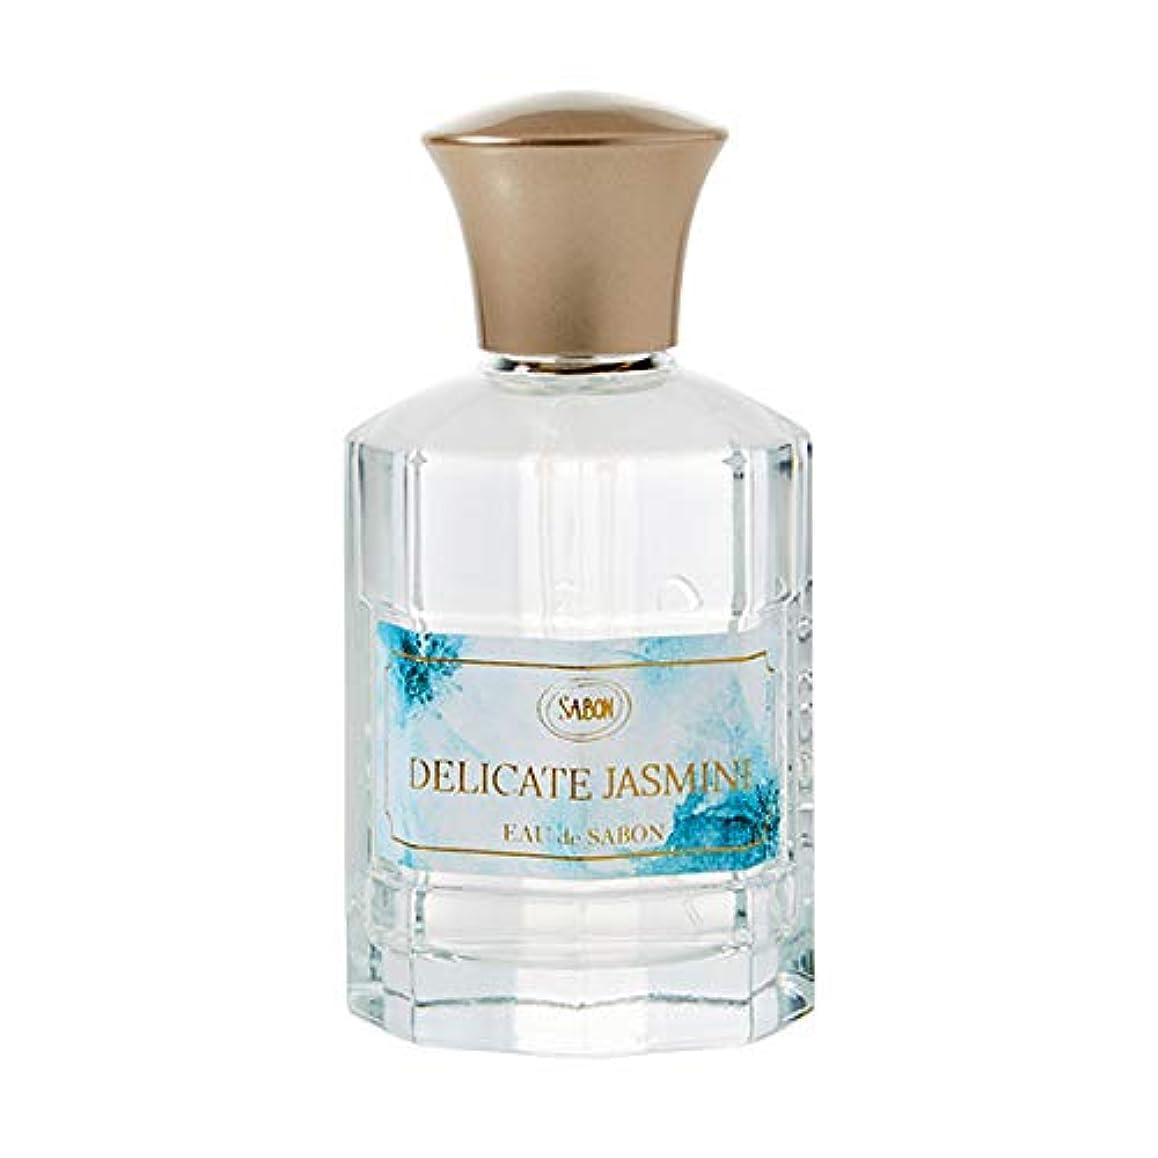 可能にする翻訳するすなわちサボン SABON オー ドゥ サボン デリケートジャスミン ( DELICATE JASMINE ) 80ml オードトワレ フレグランス 香水 パフューム デイリーパフューム